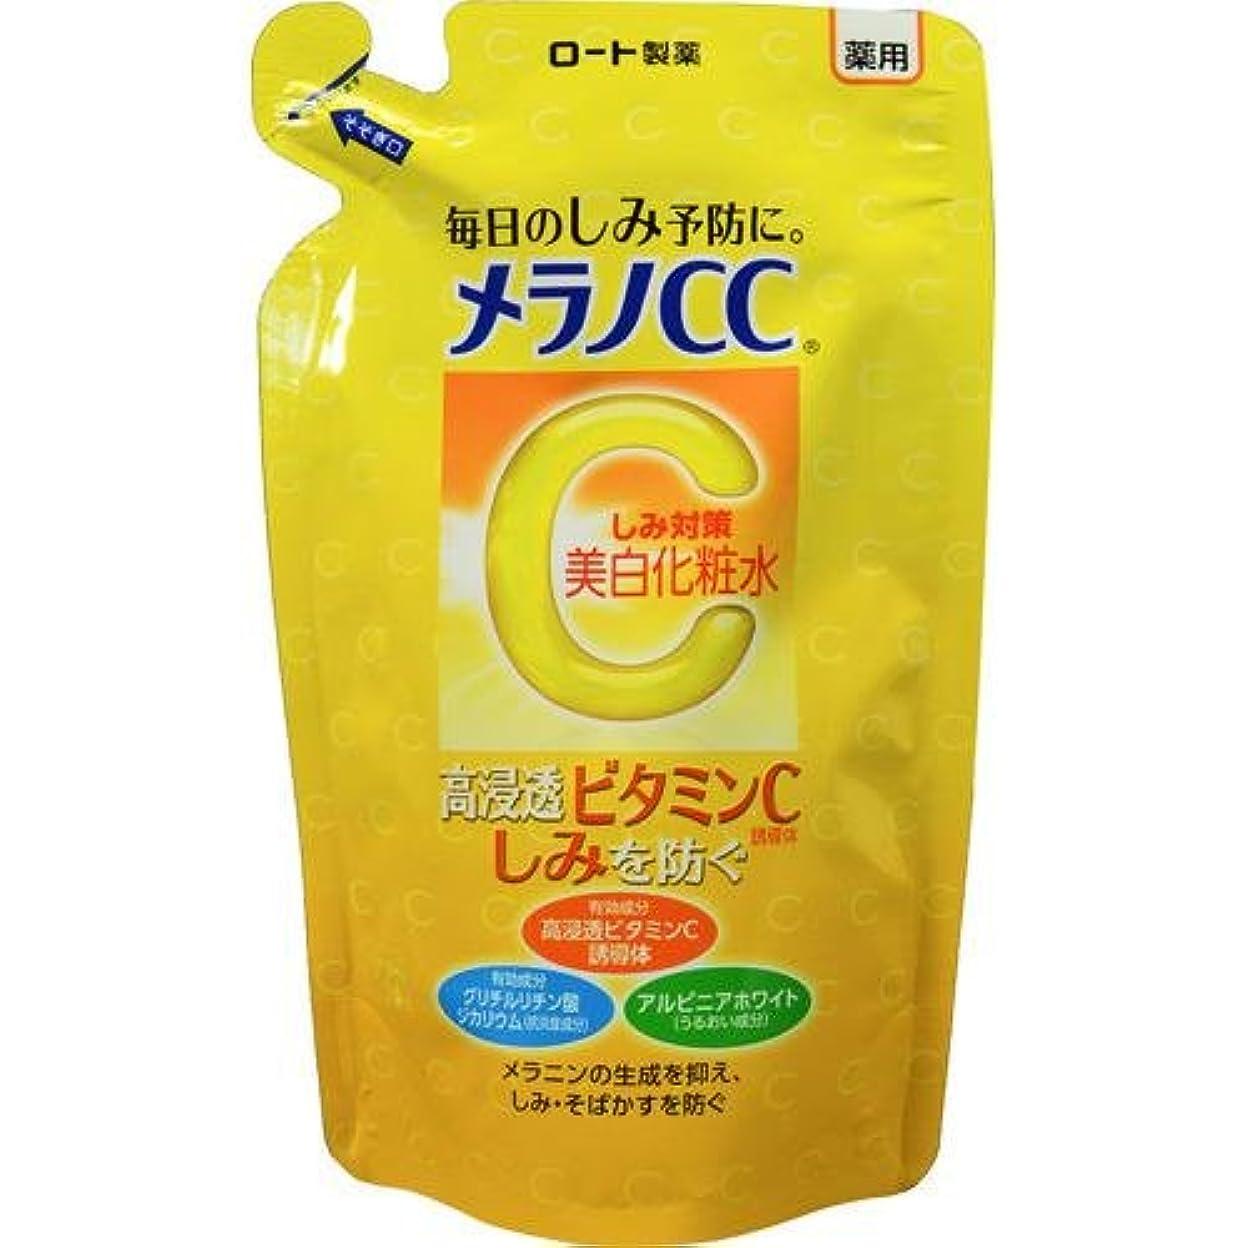 懇願する報告書分泌するメラノCC 薬用しみ対策美白化粧水 つめかえ用 × 3個セット